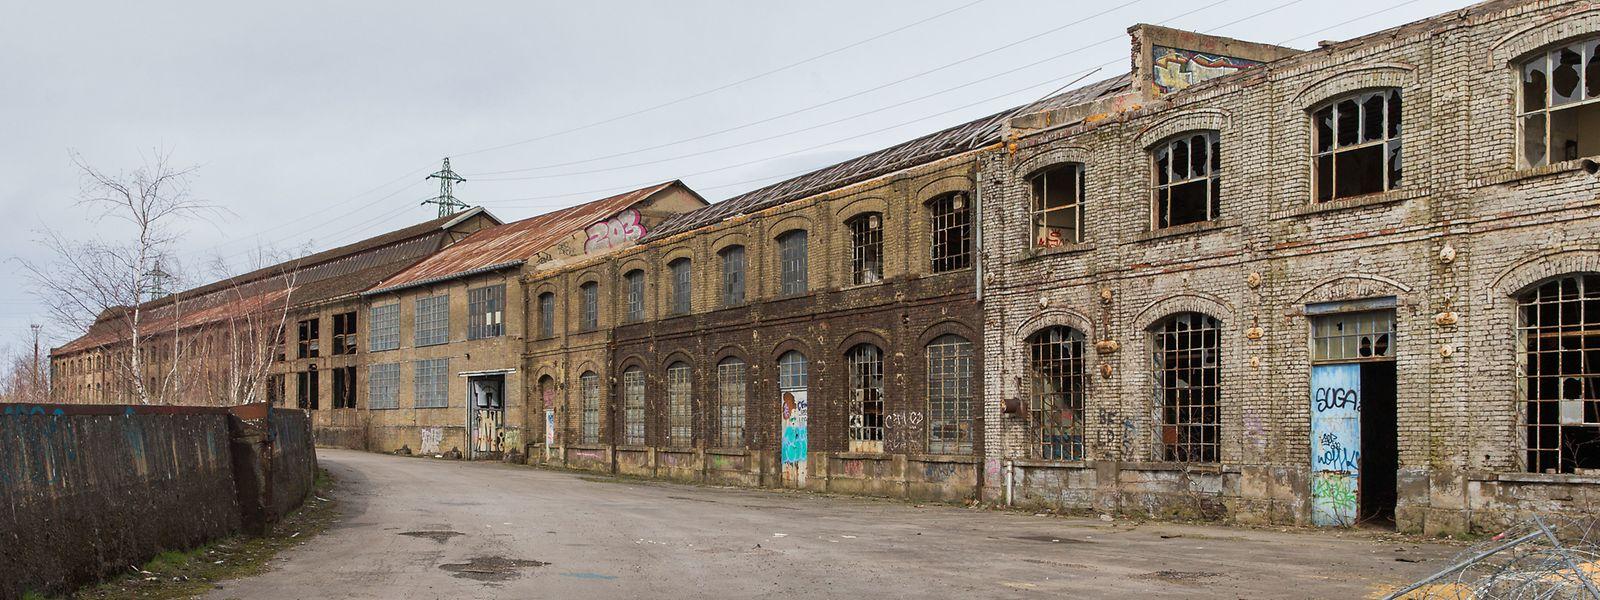 Nach und nach wurden die Werkstätten ausgebaut.